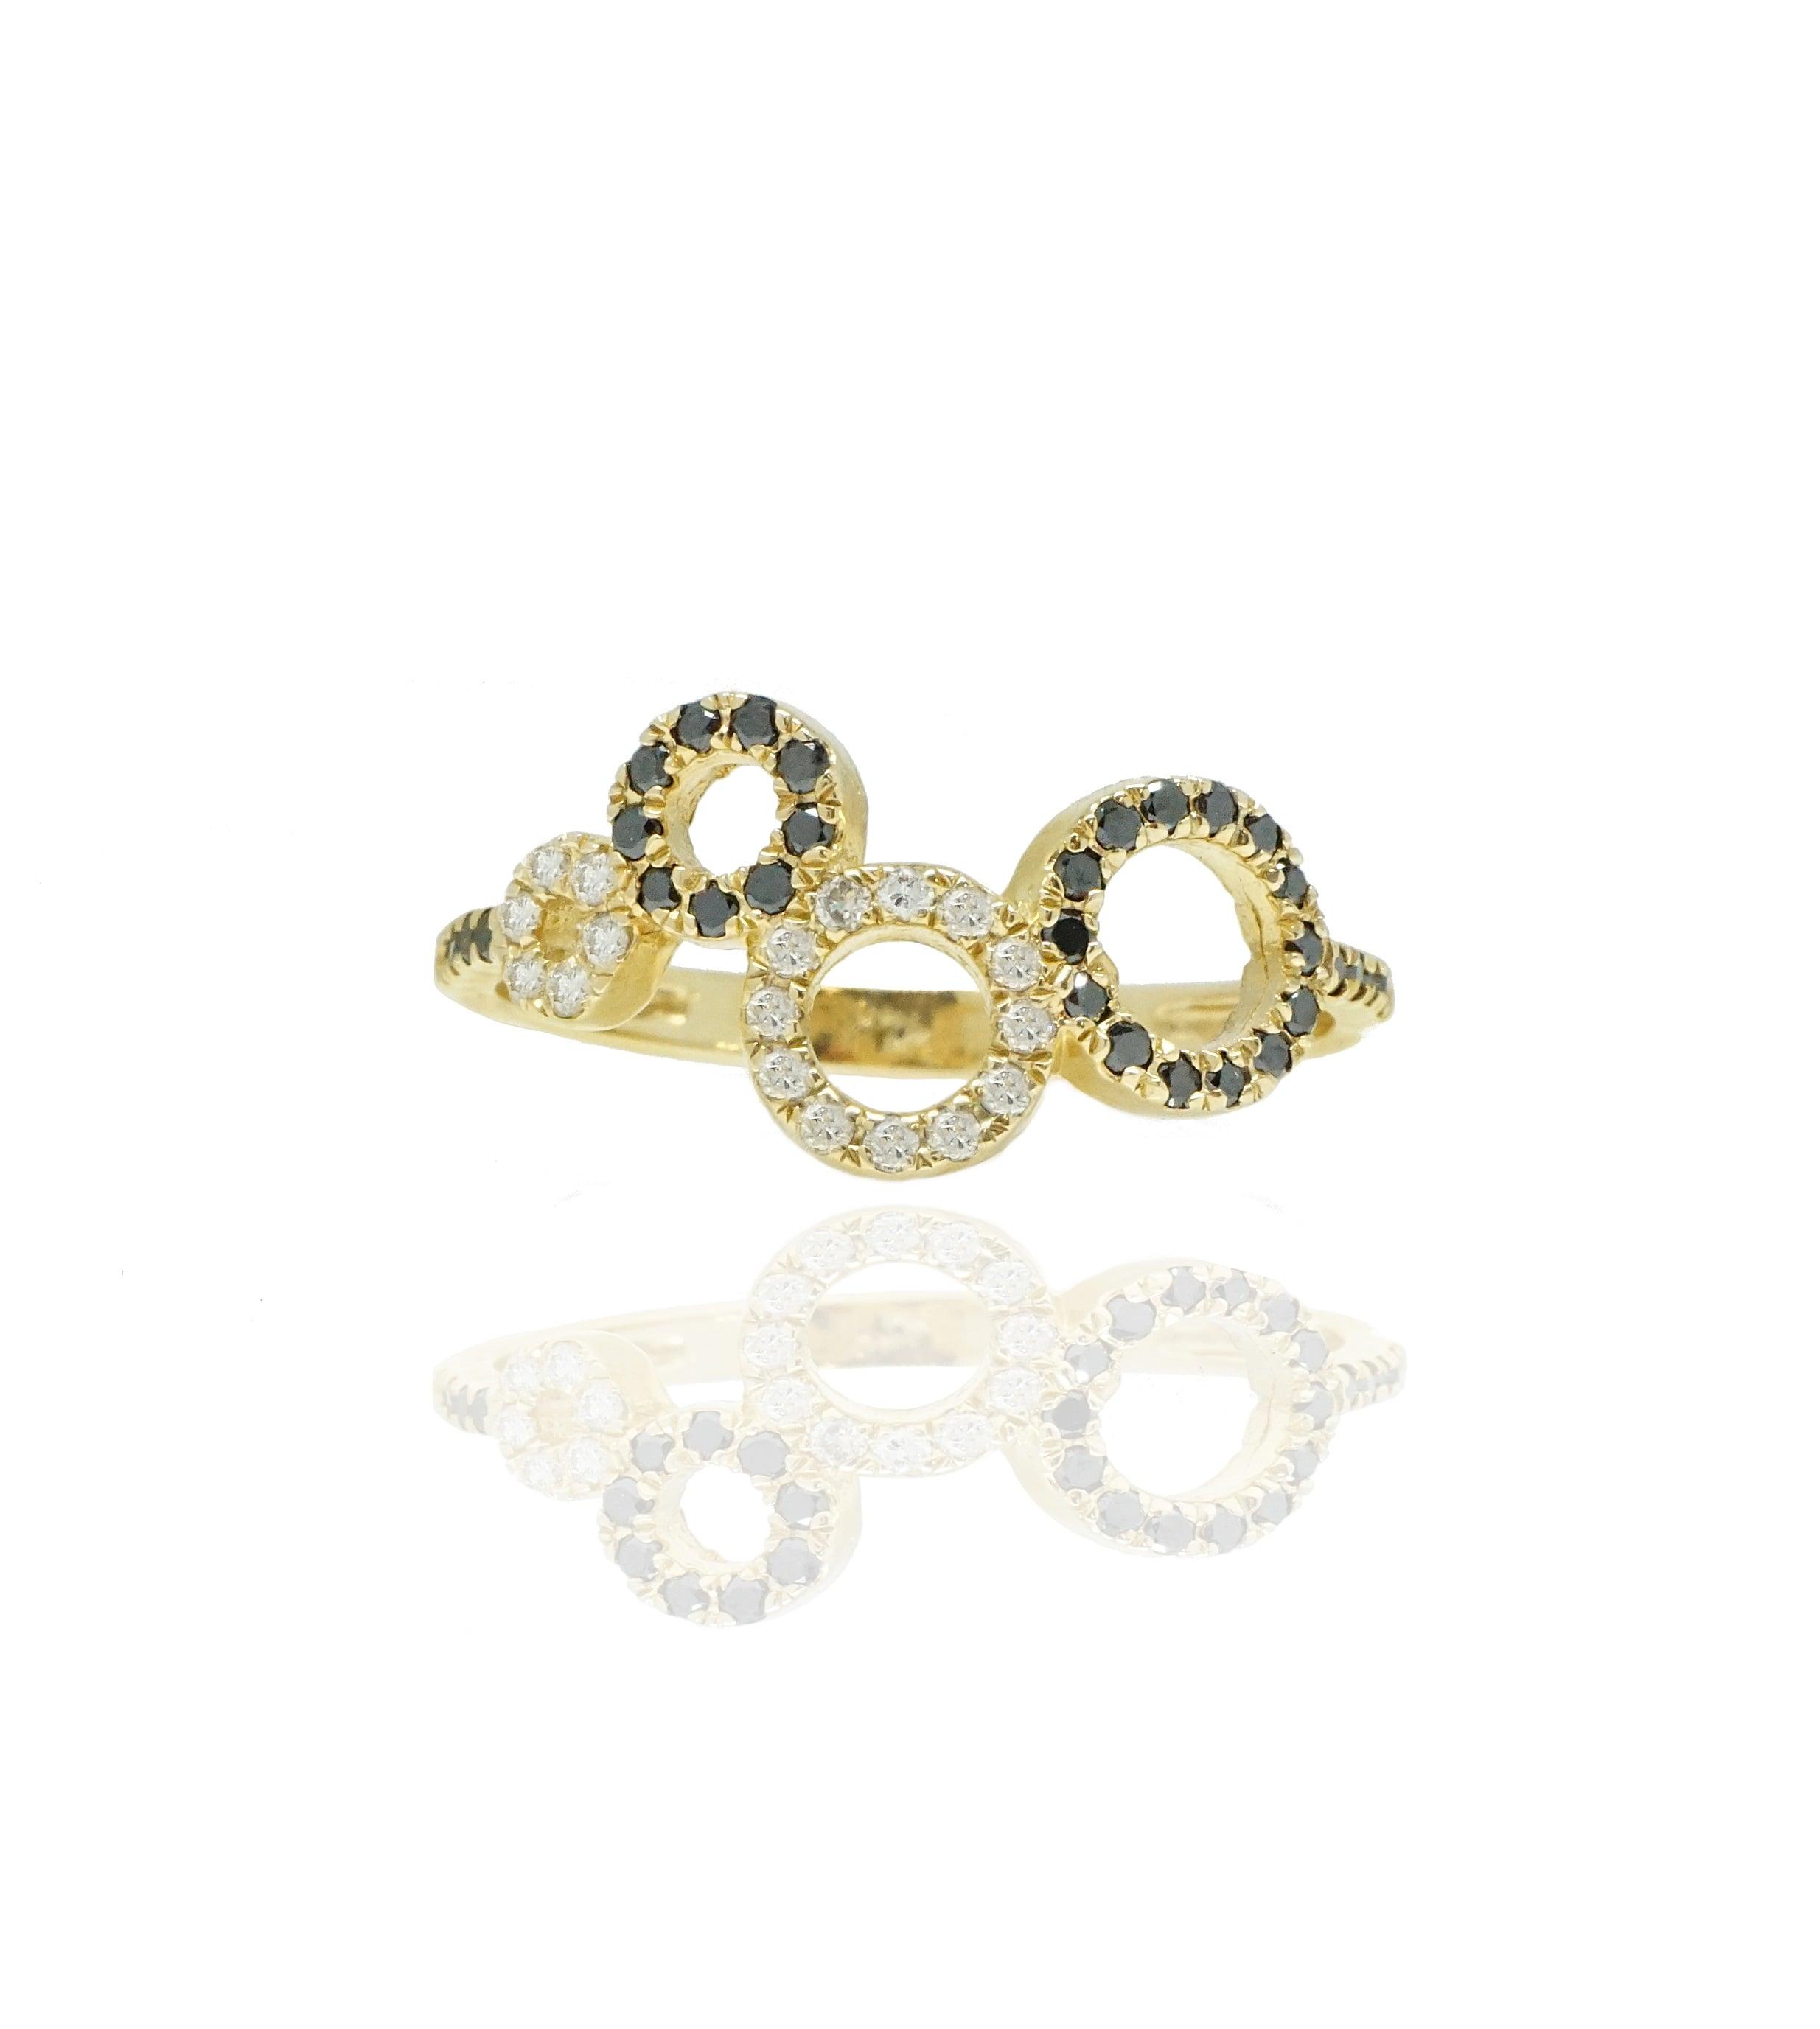 טבעת יהלומים שחורים ולבנים בסגנון עיגולים פתוחים בזהב 14 קרט